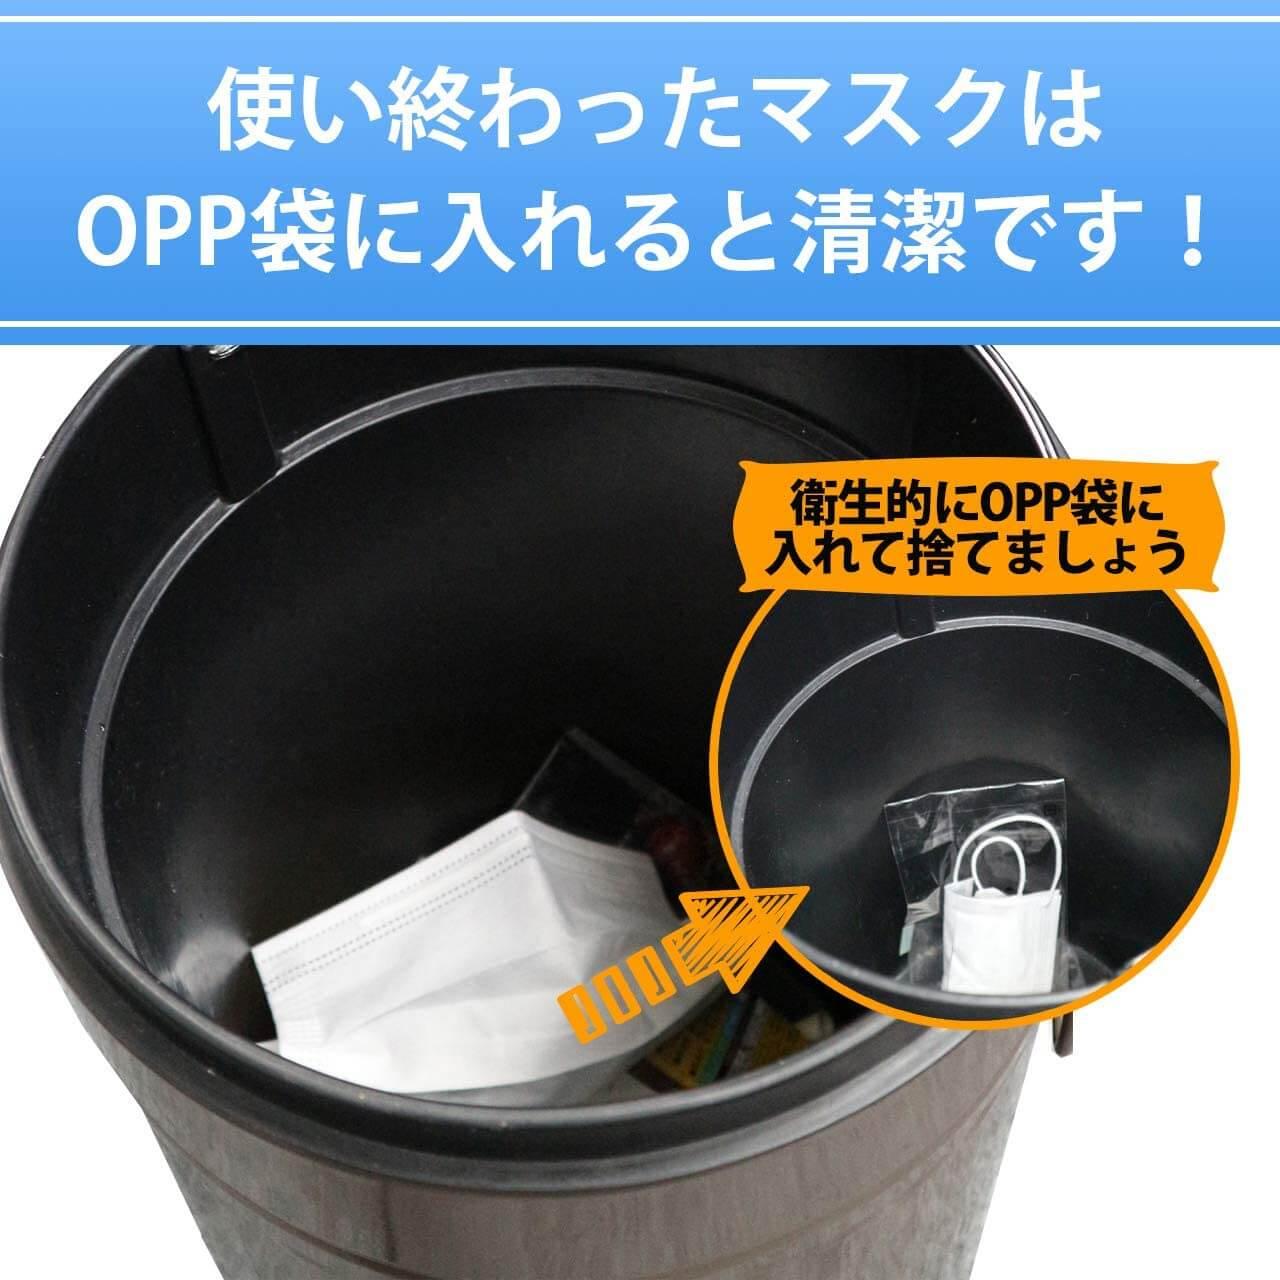 使い終わったマスクはOPP袋に入れると清潔です!